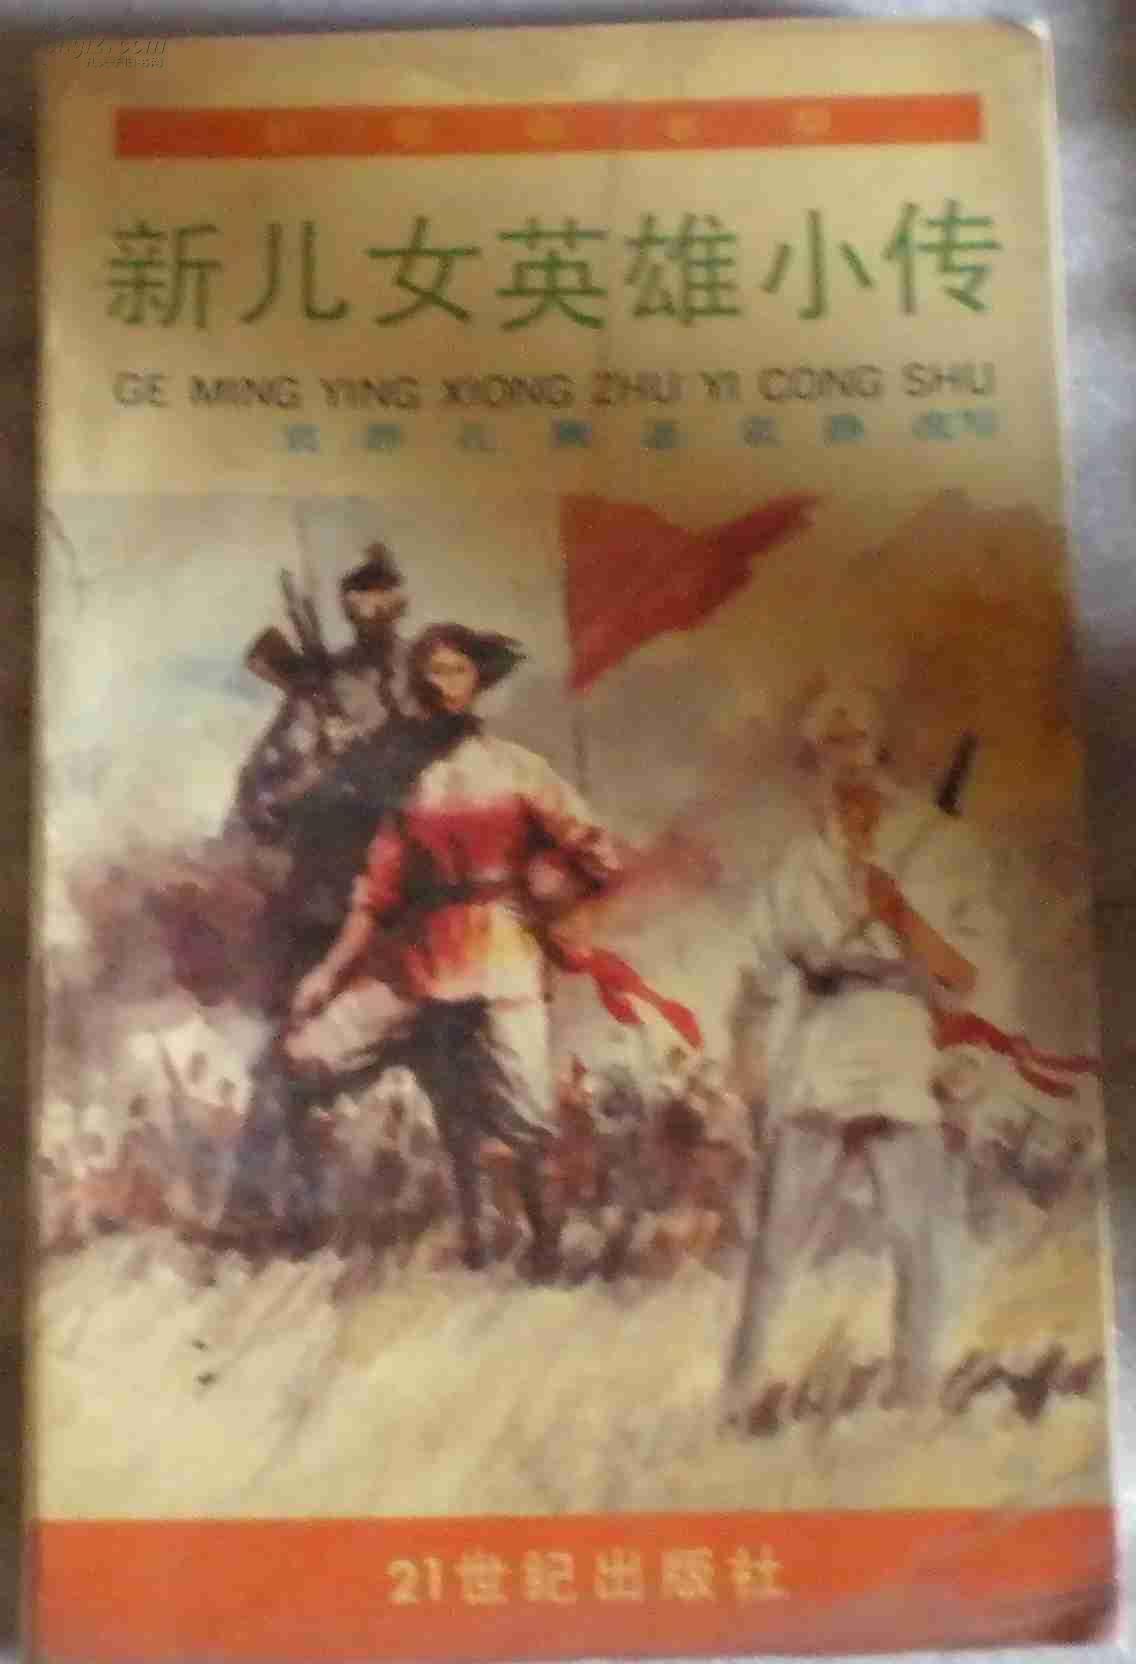 新儿女英雄小传(插图袁晓斌,红领巾书架)-少年版图书